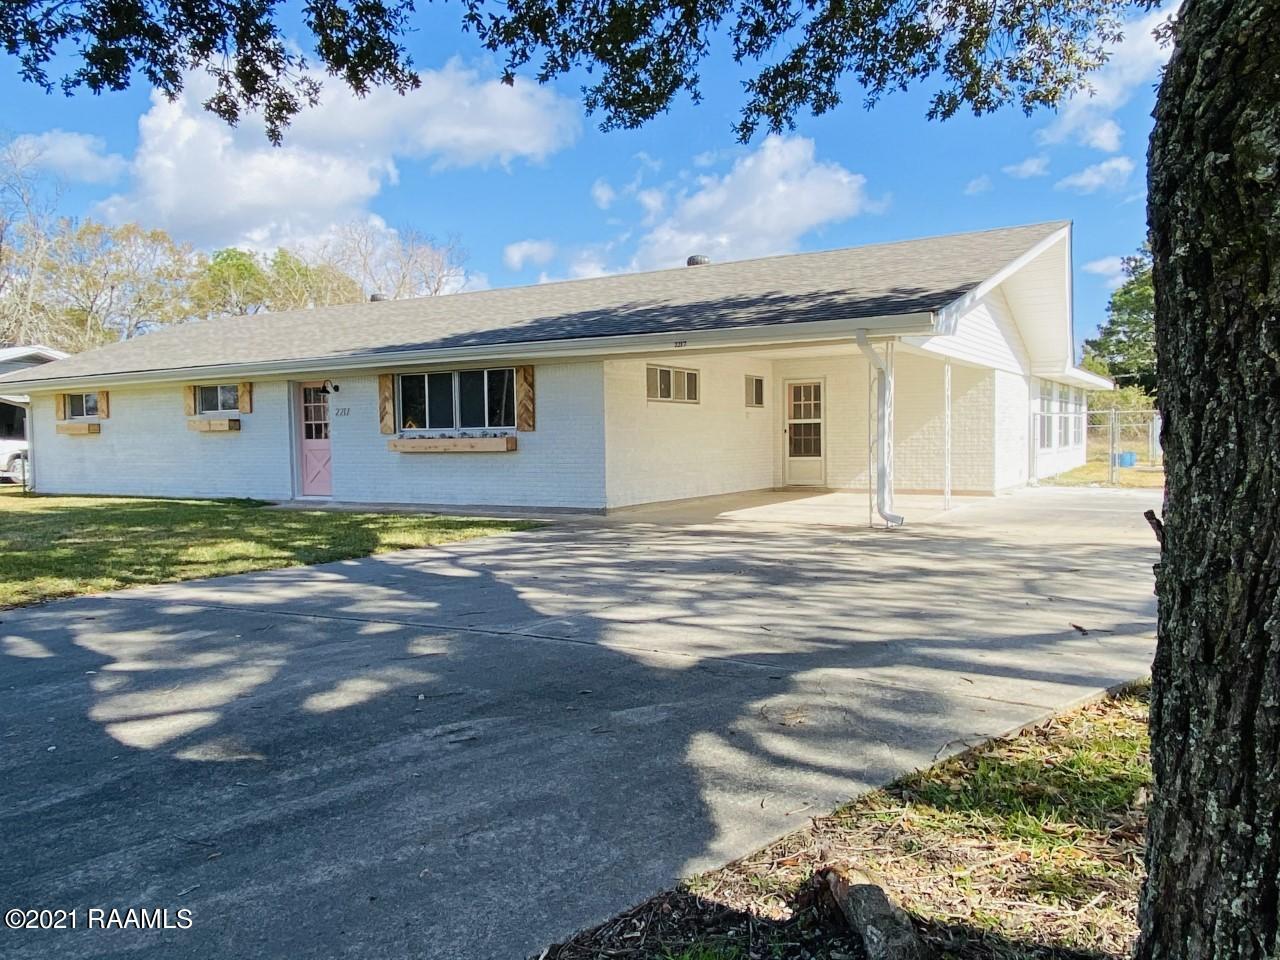 2217 Louisiana Drive, New Iberia, LA 70560 Photo #5